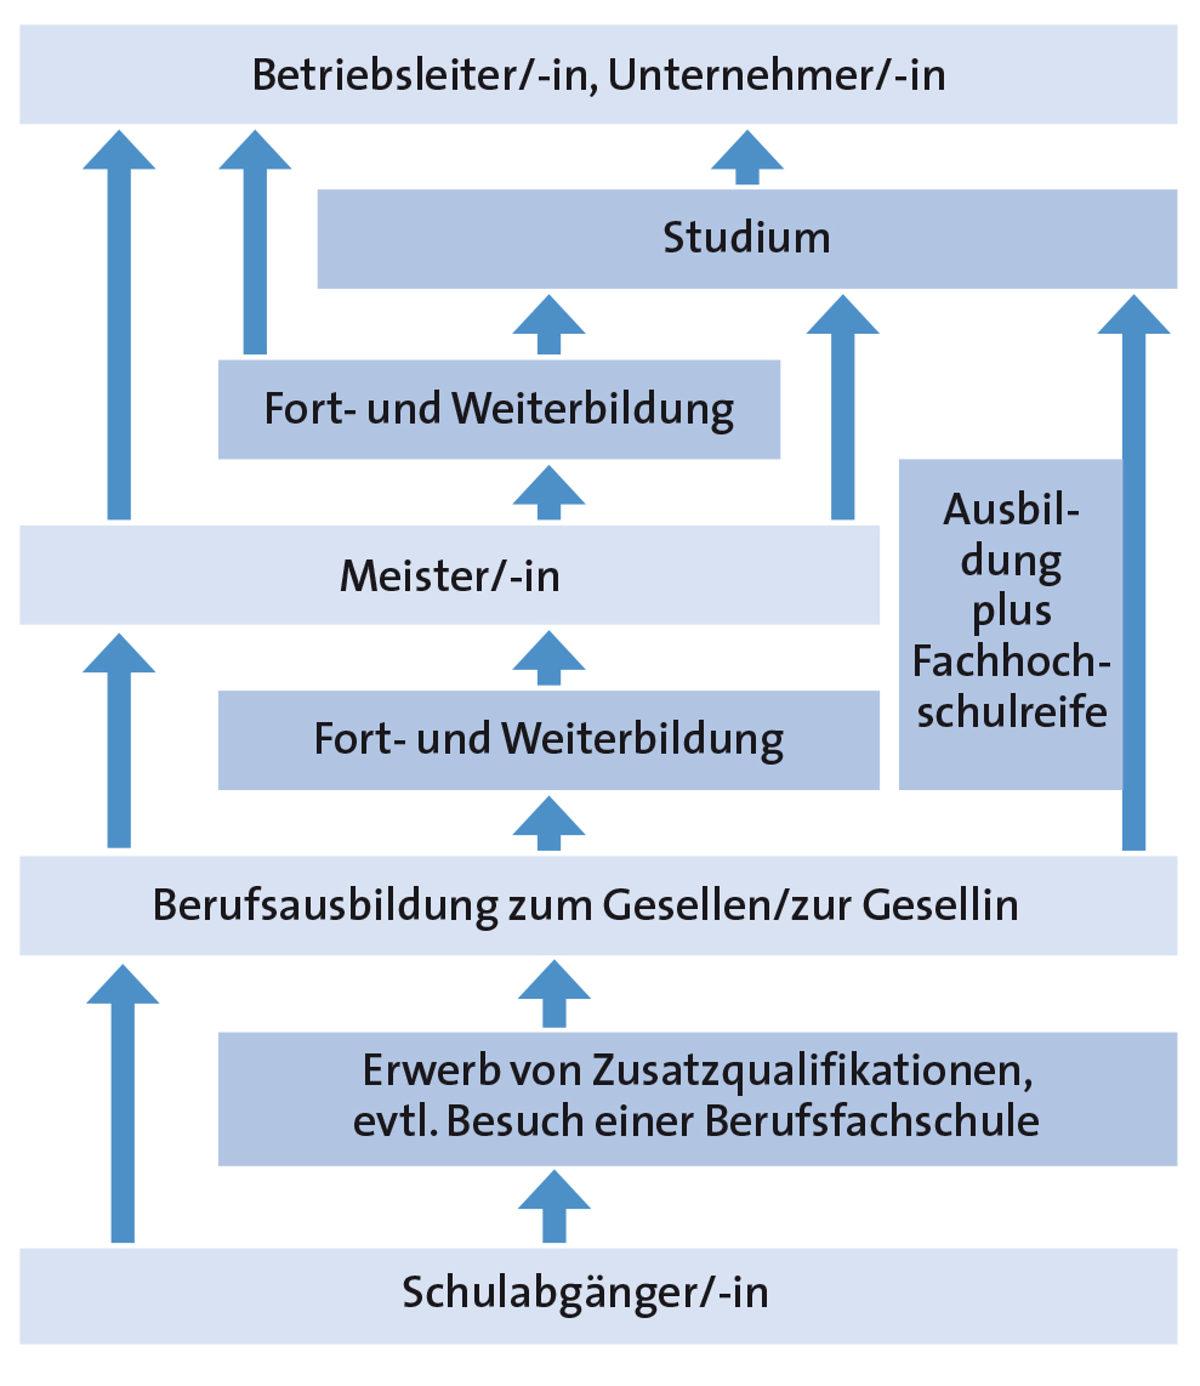 Grafik mit Aufstiegschancen und Weiterbildungen